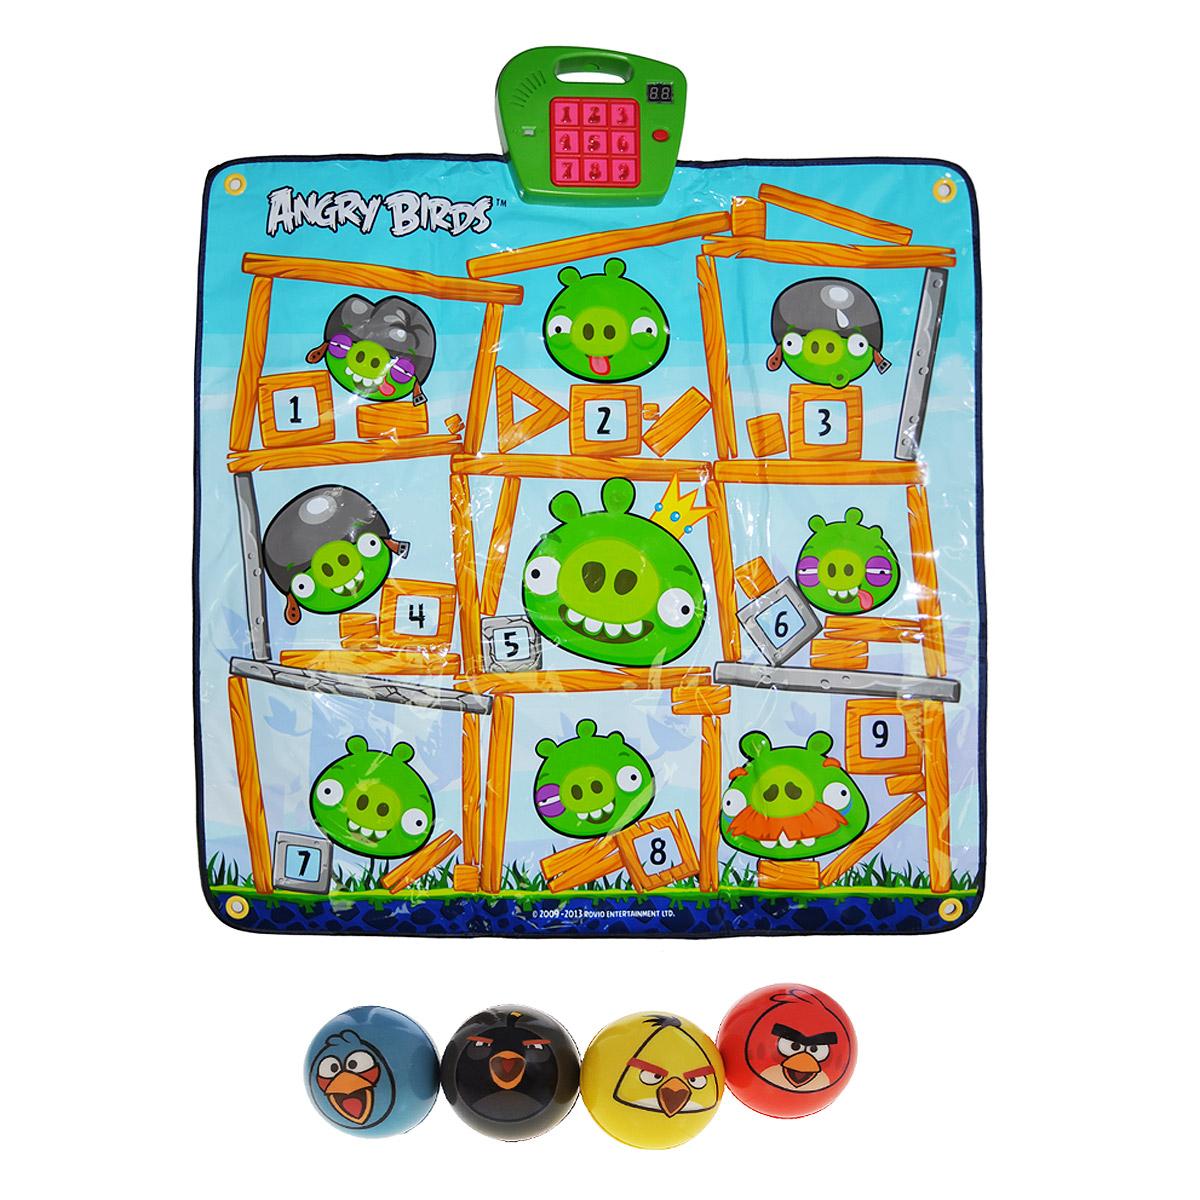 Angry Birds Игровой развивающий коврик ClassicТ01Angry Birds Игровой развивающий коврик Classic это занимательная игра, которая не оставит равнодушным ни взрослого, ни ребенка! В комплекте: выполненная в стиле Angry Birds мишень и набор из 4 мячиков. Коврик можно расположить на любой ровной горизонтальной поверхности, либо повесить как настоящую мишень на стене. Для этой цели в уголках коврика сделаны специальные отверстия. Правила игры: Установите кнопку переключателя в положение ON (ВКЛ). Нажмите на кнопку SELECT (ВЫБОР), для того чтобы выбрать нужный уровень. Смотрите на цифры, загорающиеся на главной панели и успейте попасть мячиком по соответствующему номеру свинки. При попадании в цель Вы услышите мелодии и звуки из популярной игры. Игра имеет 3 уровня сложности. Развивает меткость, скорость реакции и координацию движений. Проверьте свою ловкость и меткость! Устраивайте соревнования с друзьями! Играйте и выигрывайте! Для работы игрушки необходимы 3 батарейки напряжением 1,5V типа АА (не входят...